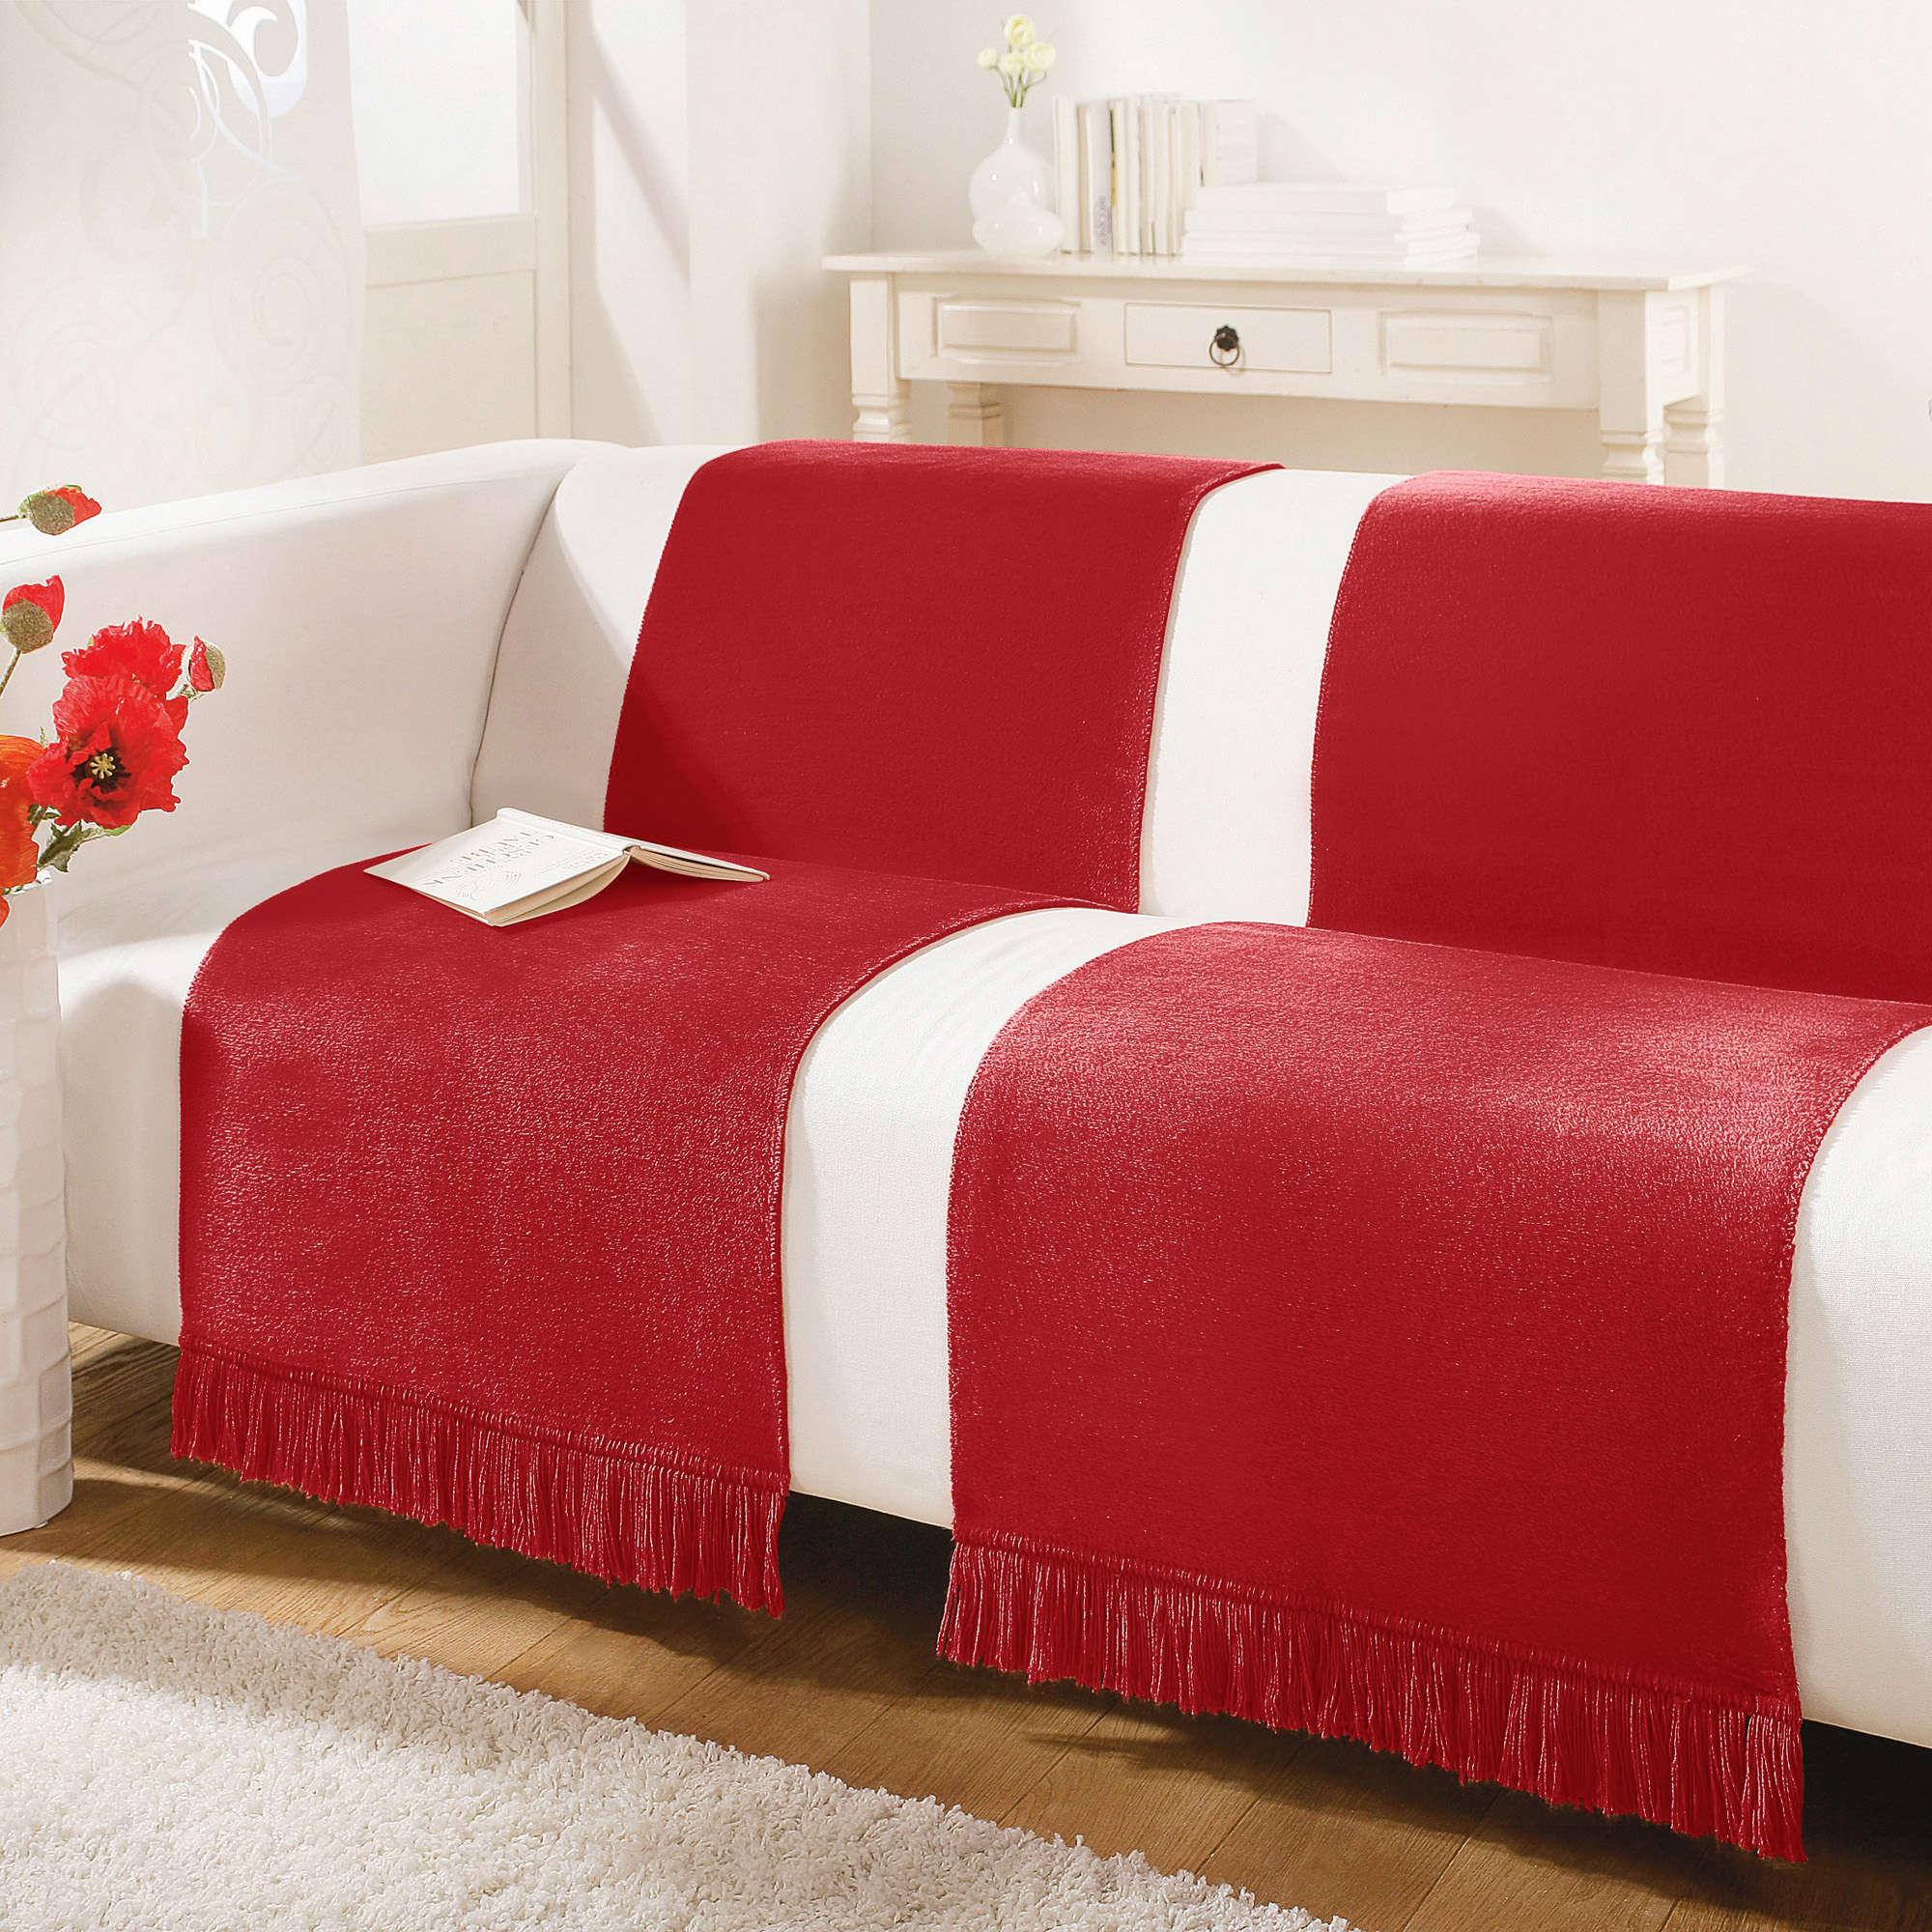 erwin m ller sofal ufer baumwollmischung ebay. Black Bedroom Furniture Sets. Home Design Ideas